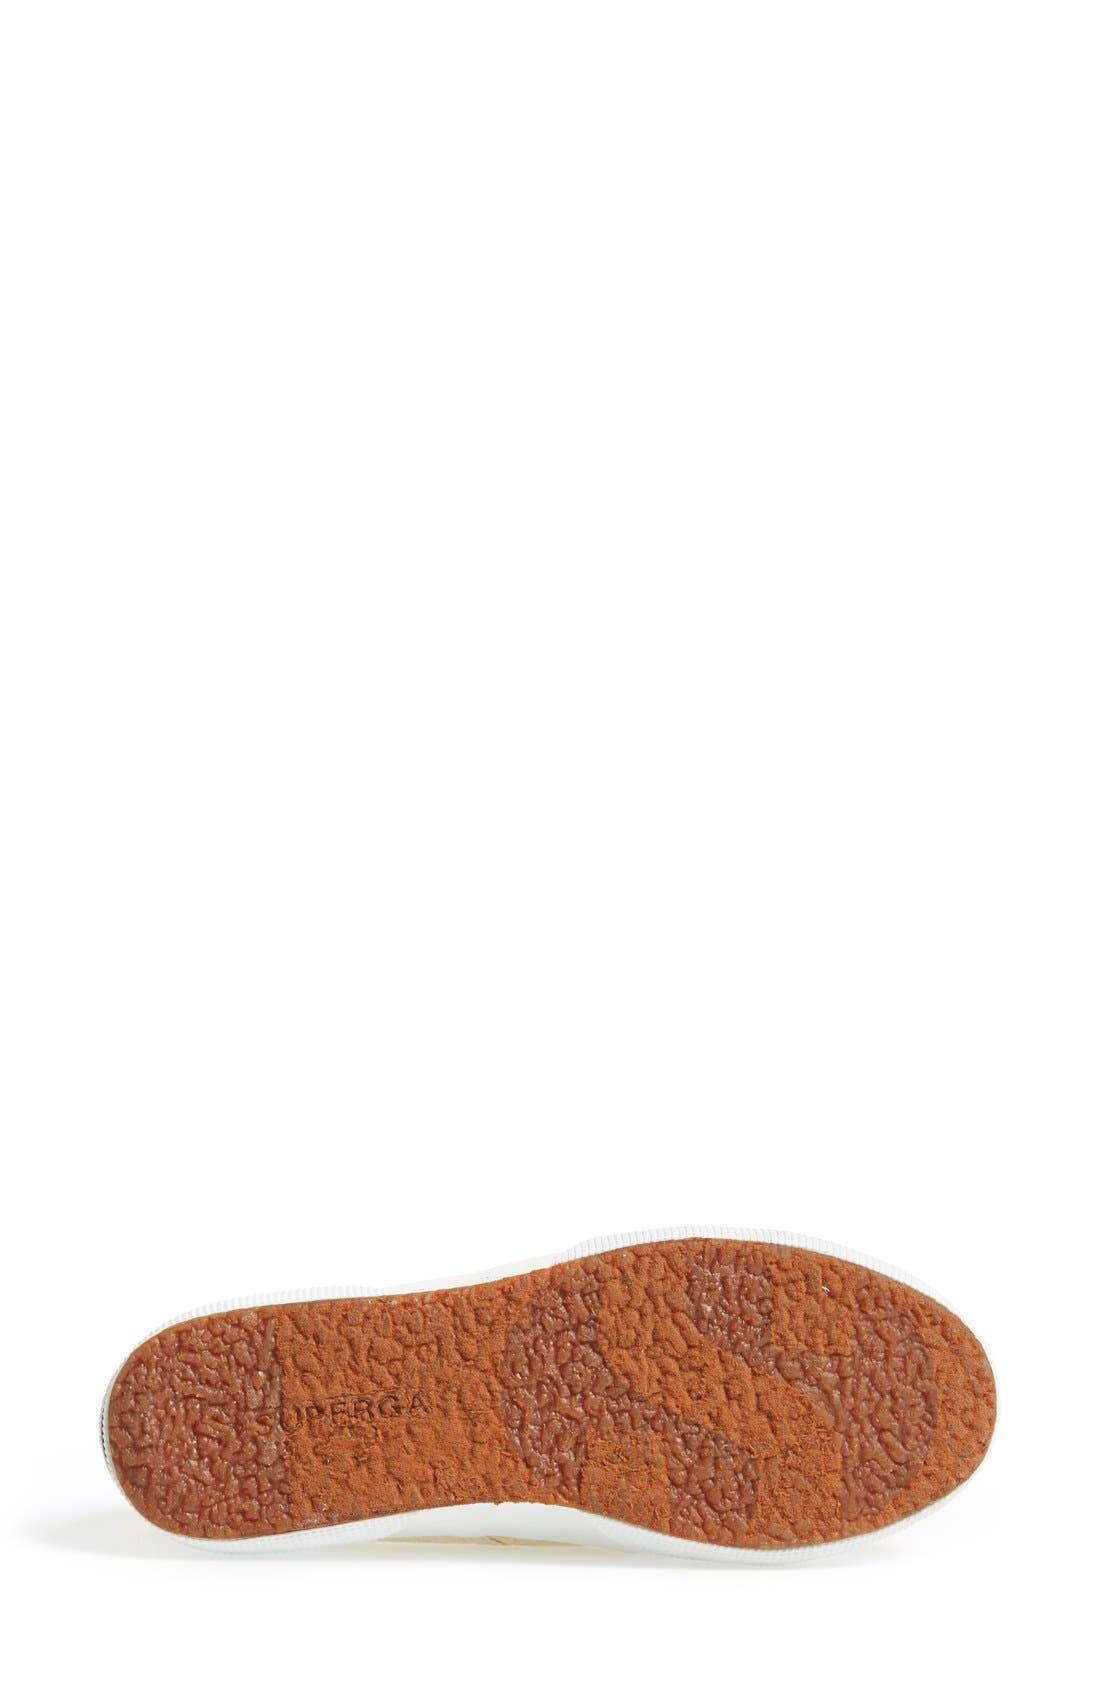 Alternate Image 4  - Superga 'Cotu' Slip-On Sneaker (Women)